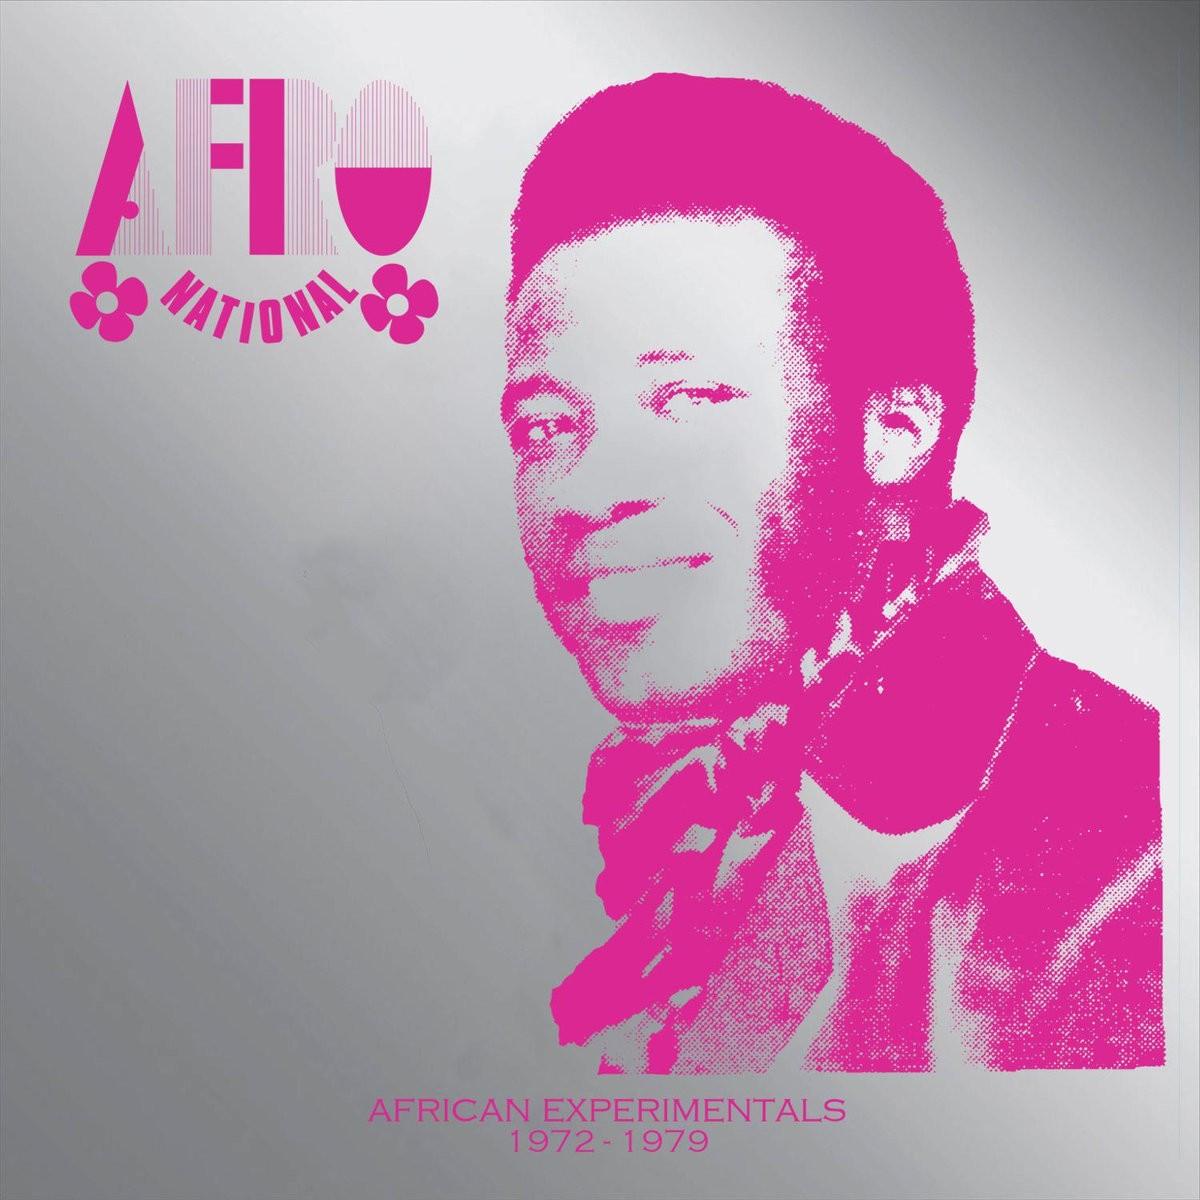 African Experimentals 1972-79